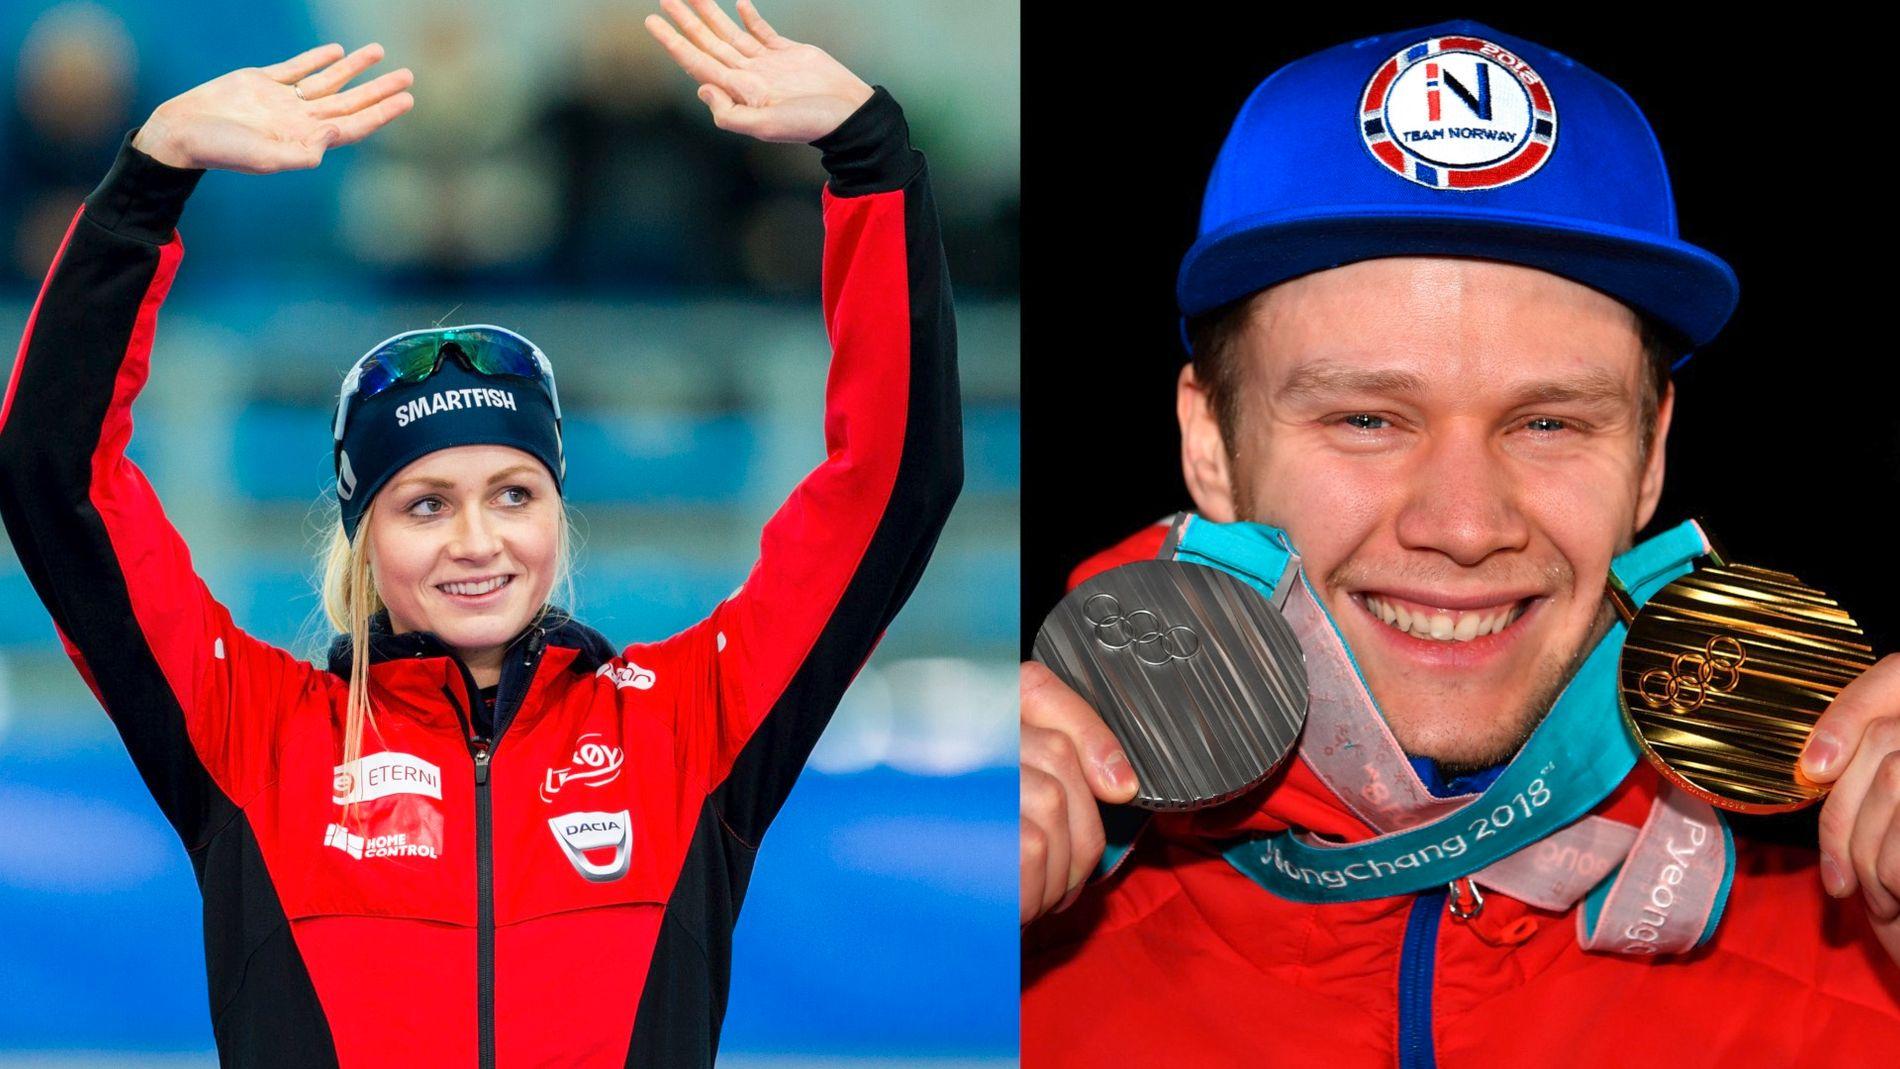 SAMMEN: Hege Bøkko og Håvard Lorentzen har blitt kjærester.